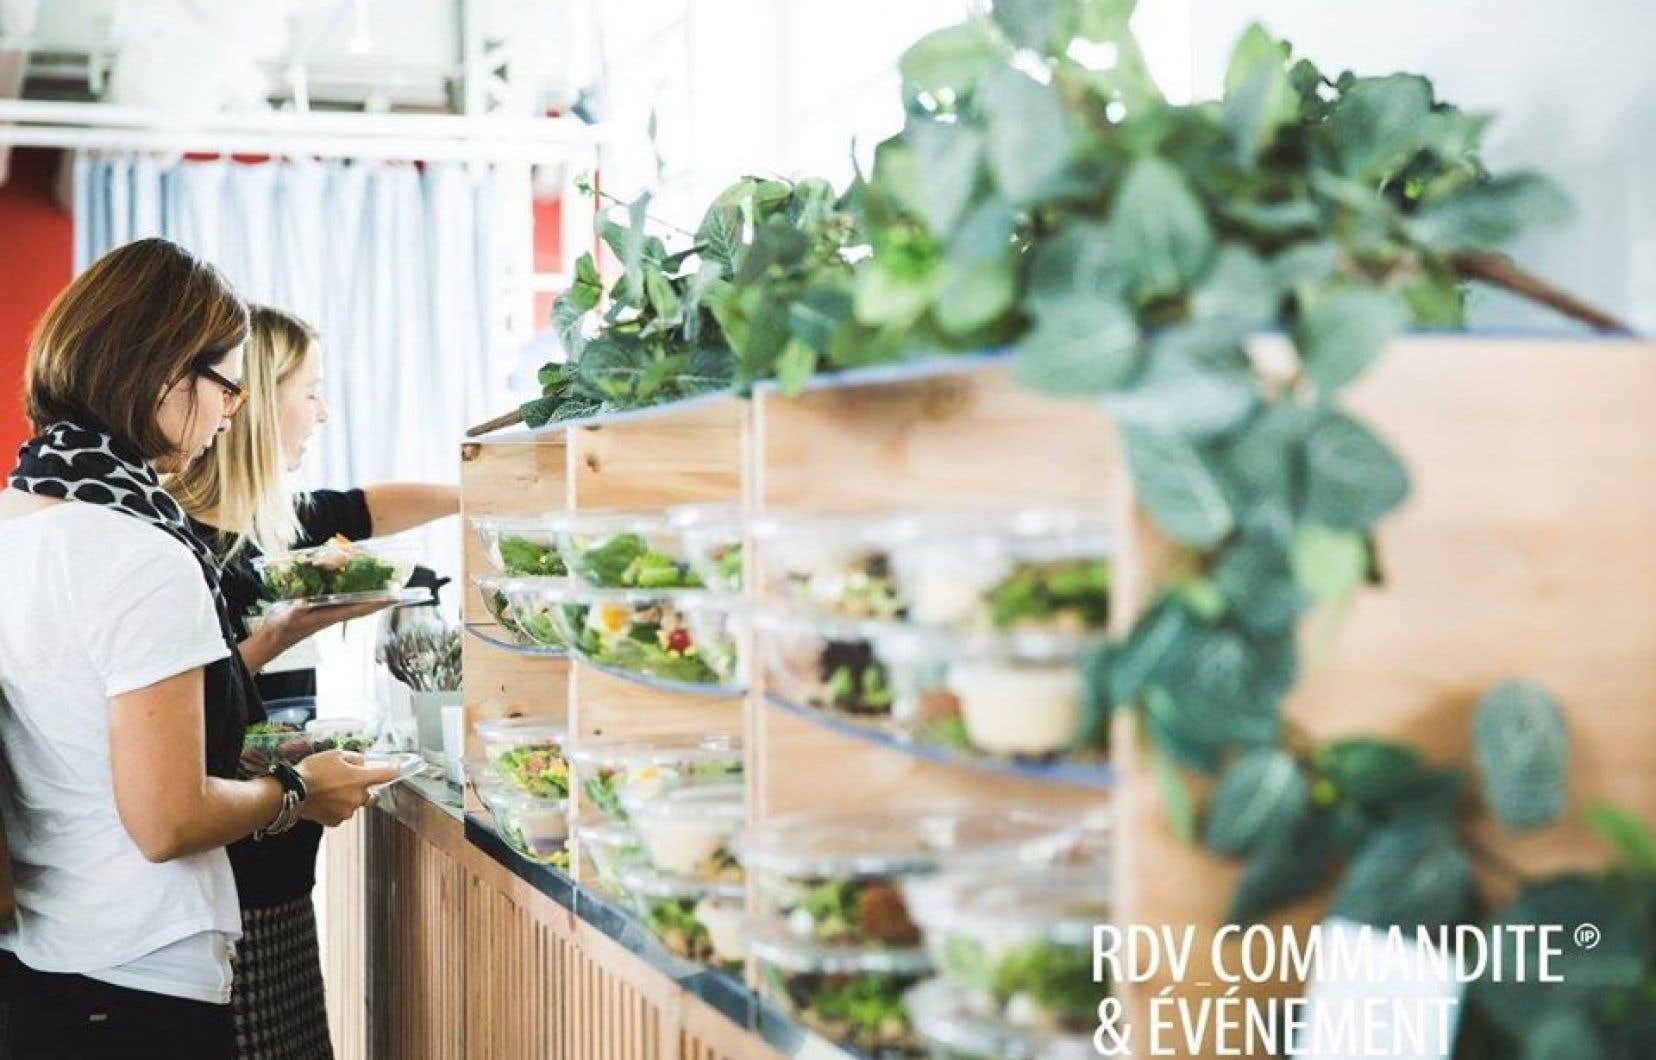 Pour Olivier Picard Borduas, directeur de production au groupe Infopresse,  les rencontres d'affaires doivent être une expérience  à la fois professionnelle et gastronomique.